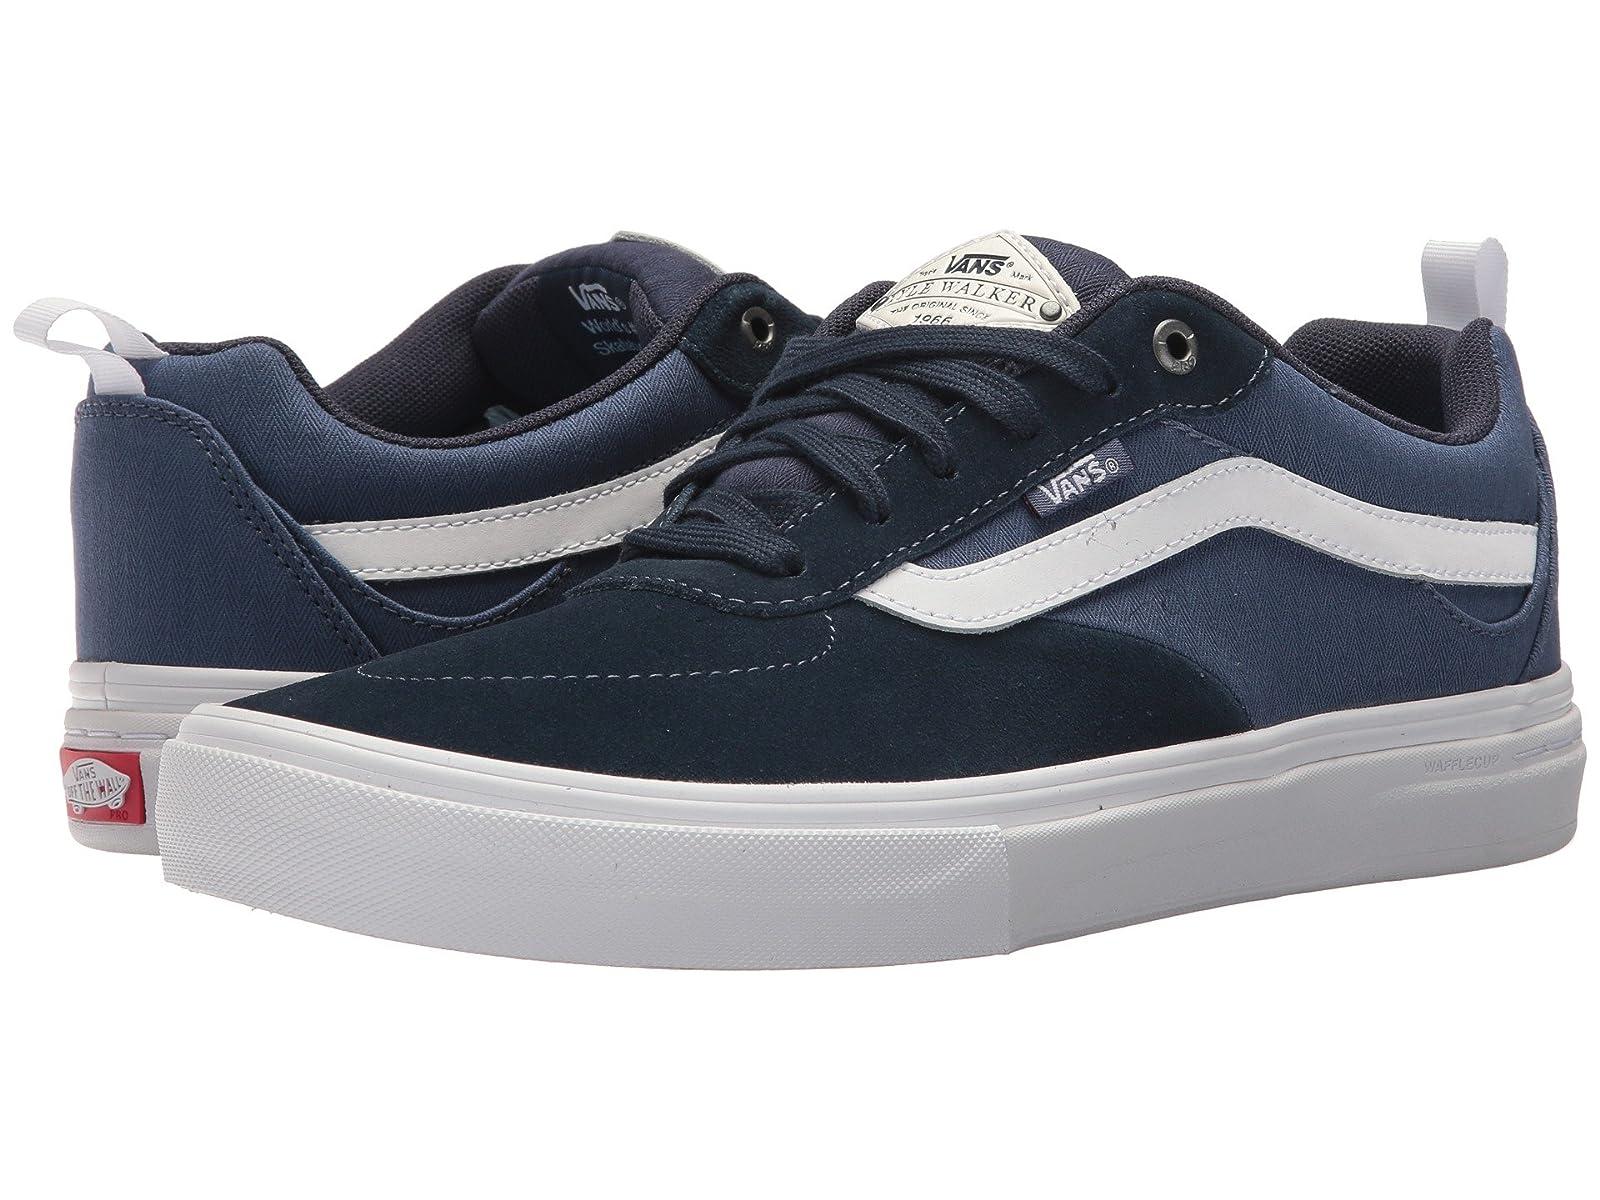 Vans Kyle Walker ProAtmospheric grades have affordable shoes